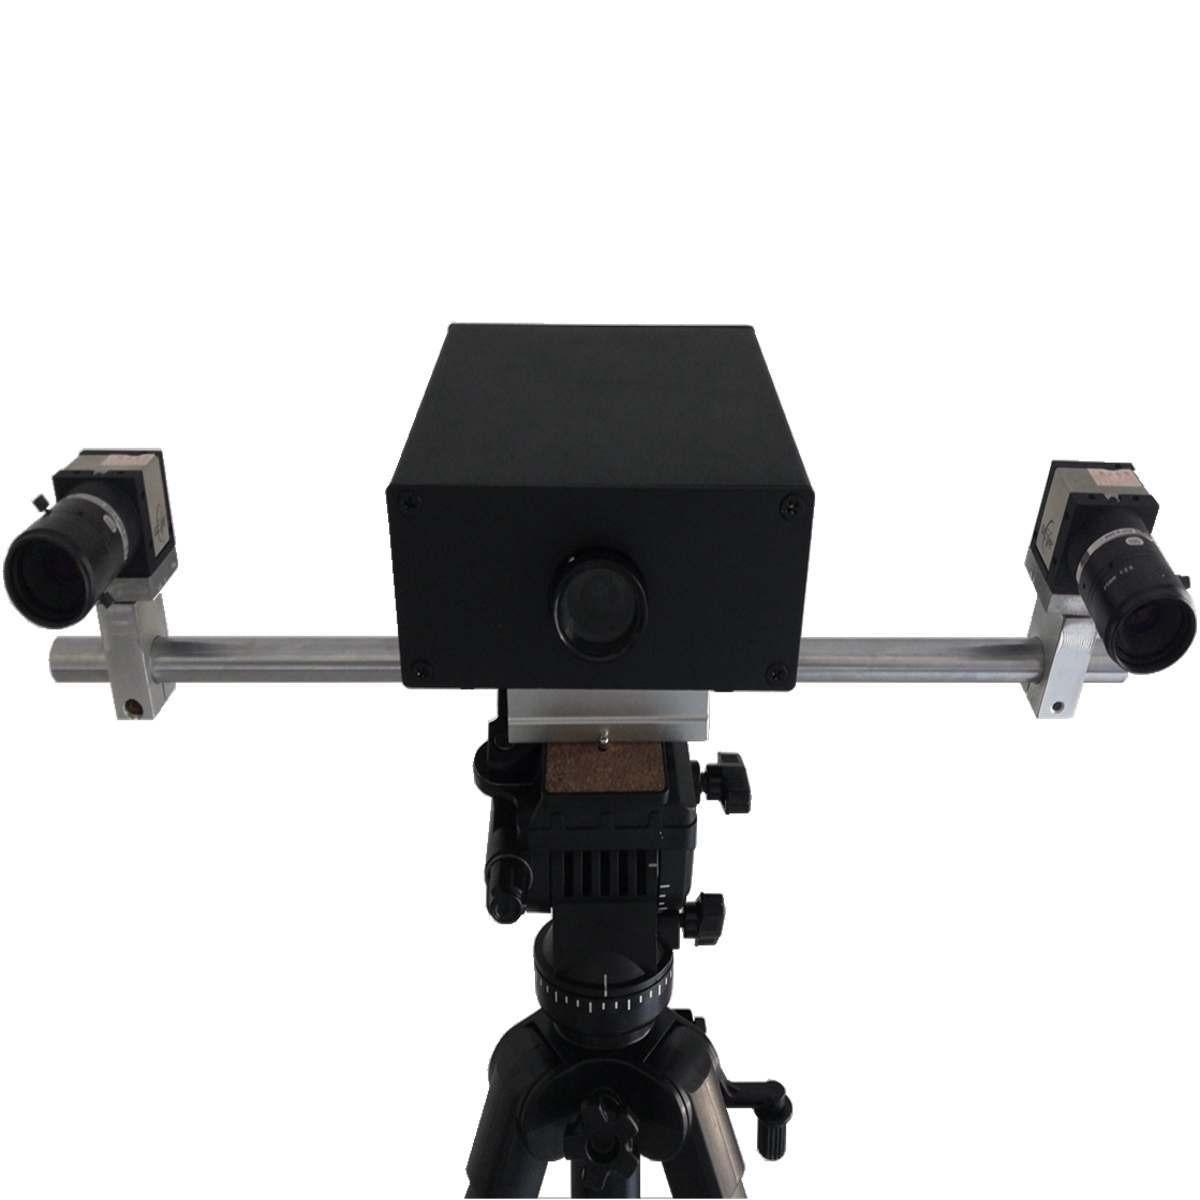 三维扫描仪价格好 3D扫描仪高精度蓝光 木雕石雕玉雕三维扫描仪 模具设计机械加工 逆向教学三维扫描仪